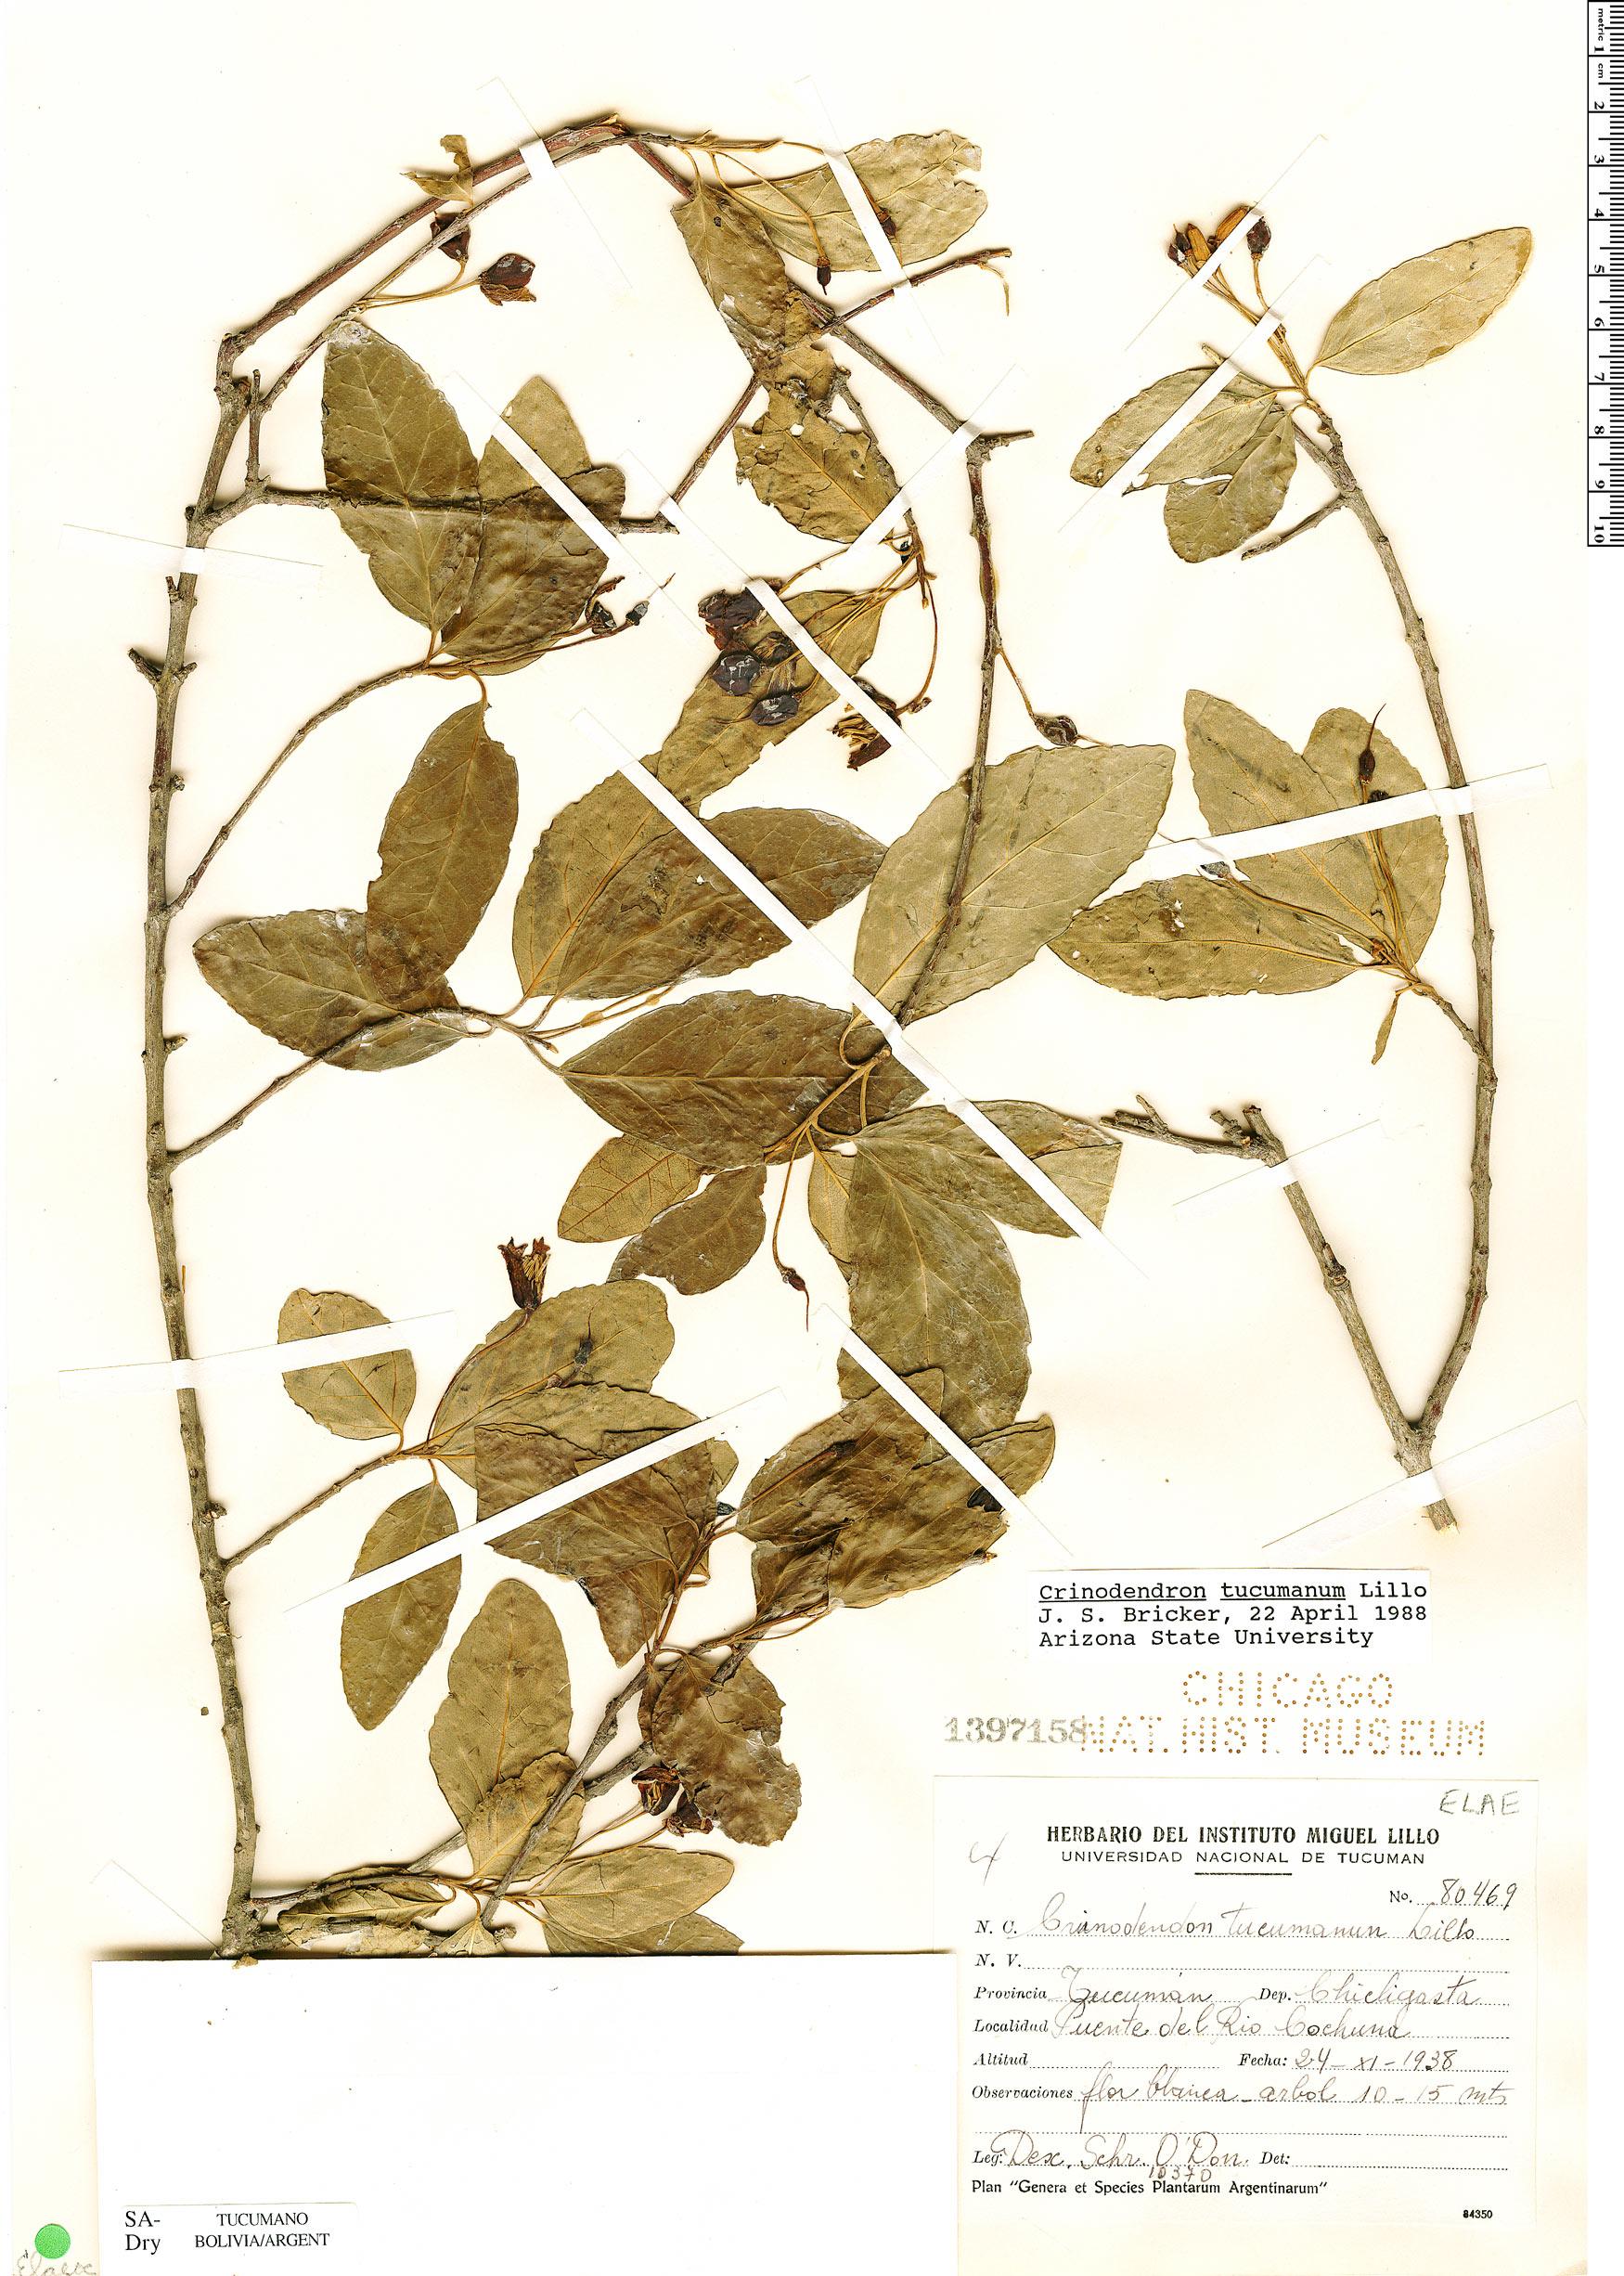 Espécimen: Crinodendron tucumanum